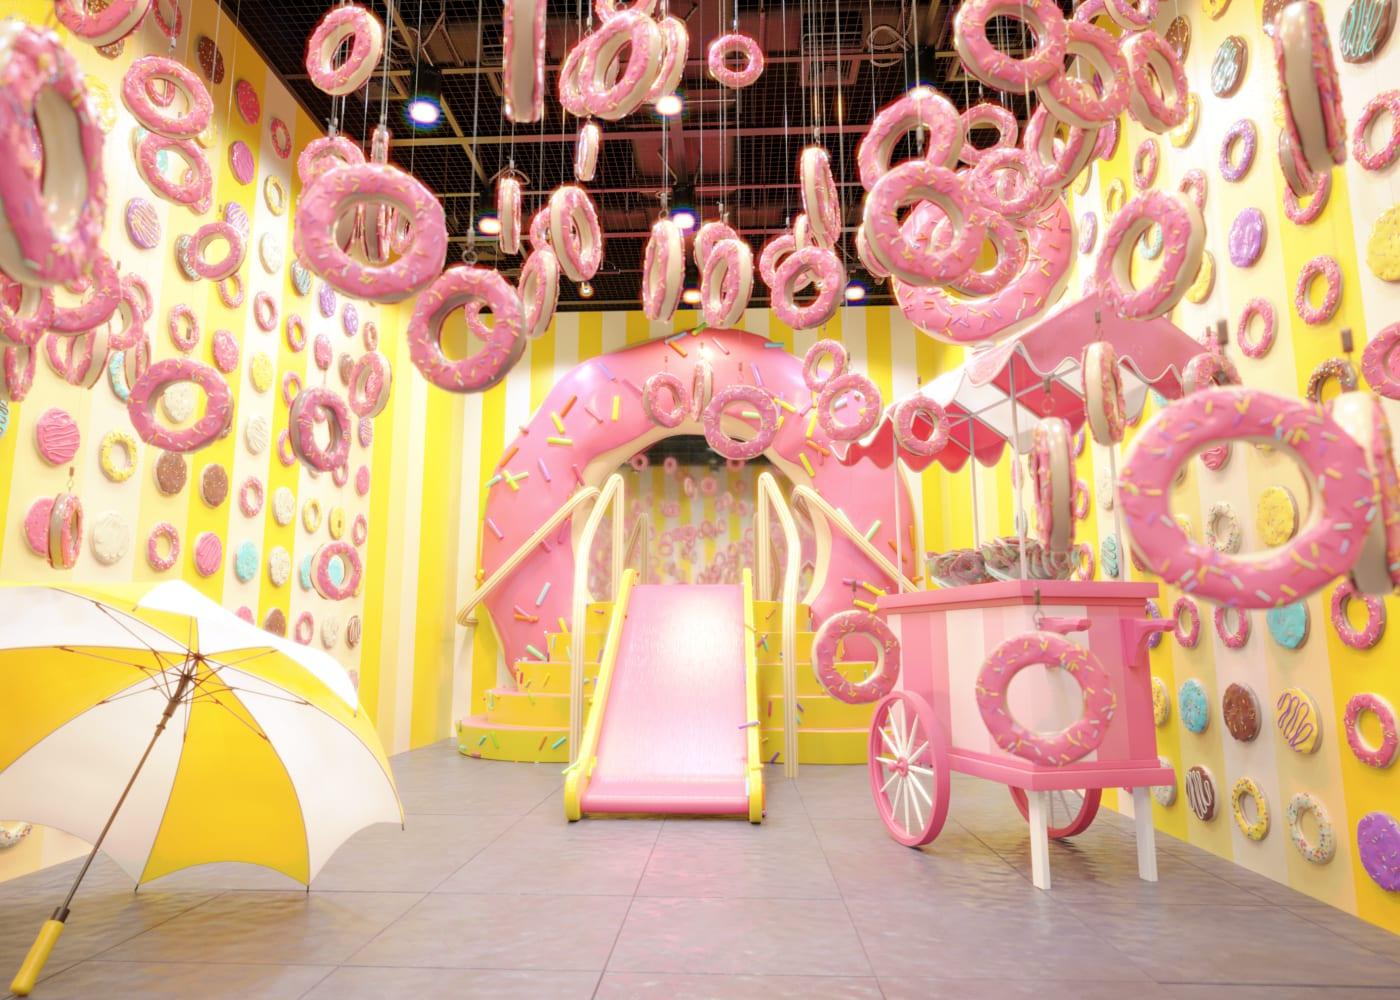 Plaza Singapura Dessert Museum | childrens day activities in Singapore